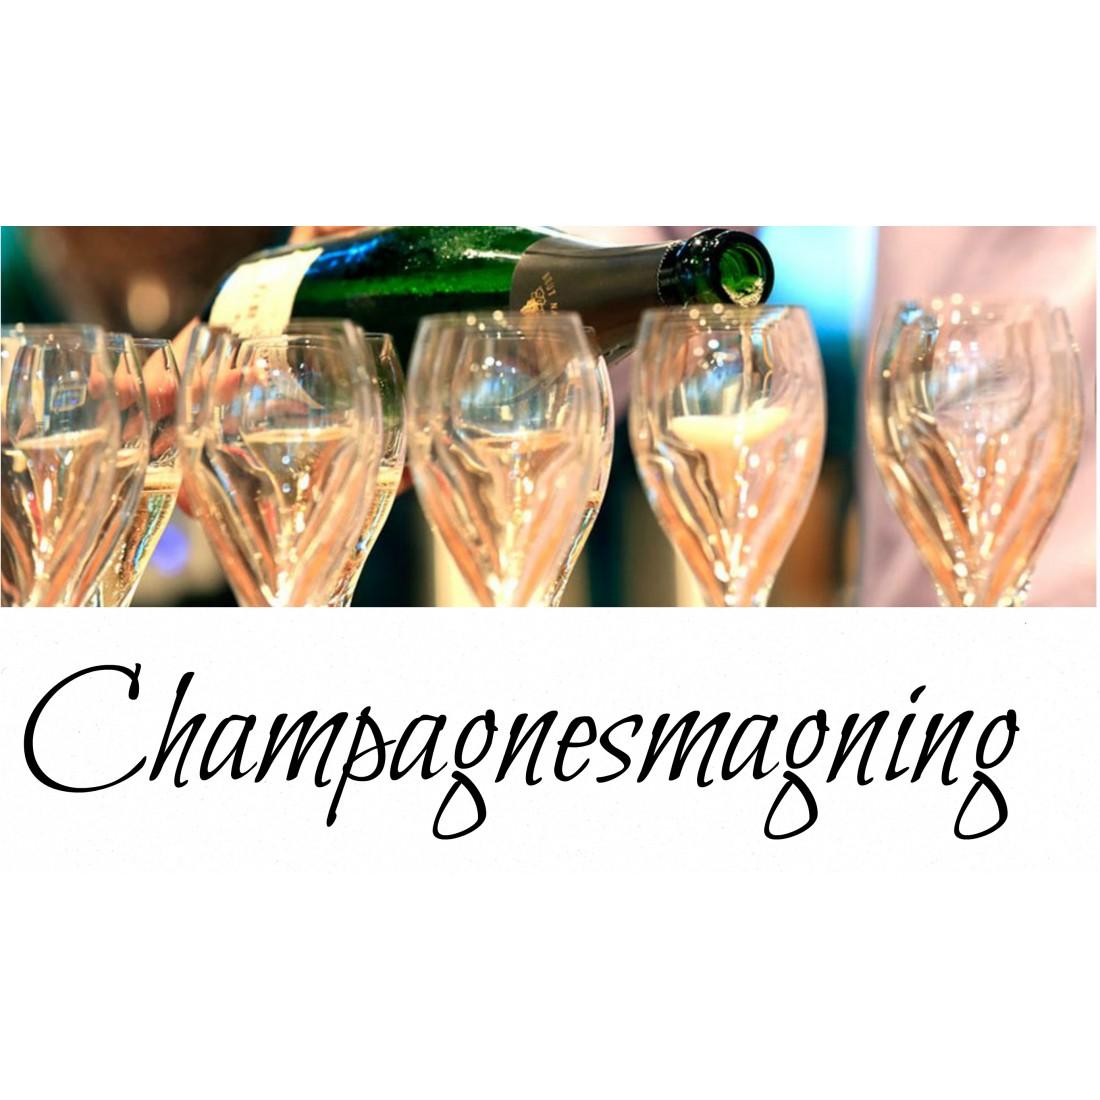 Champagnesmagning lørdag den 3 oktober kl. 19.00 I ChampagneKælderen-31